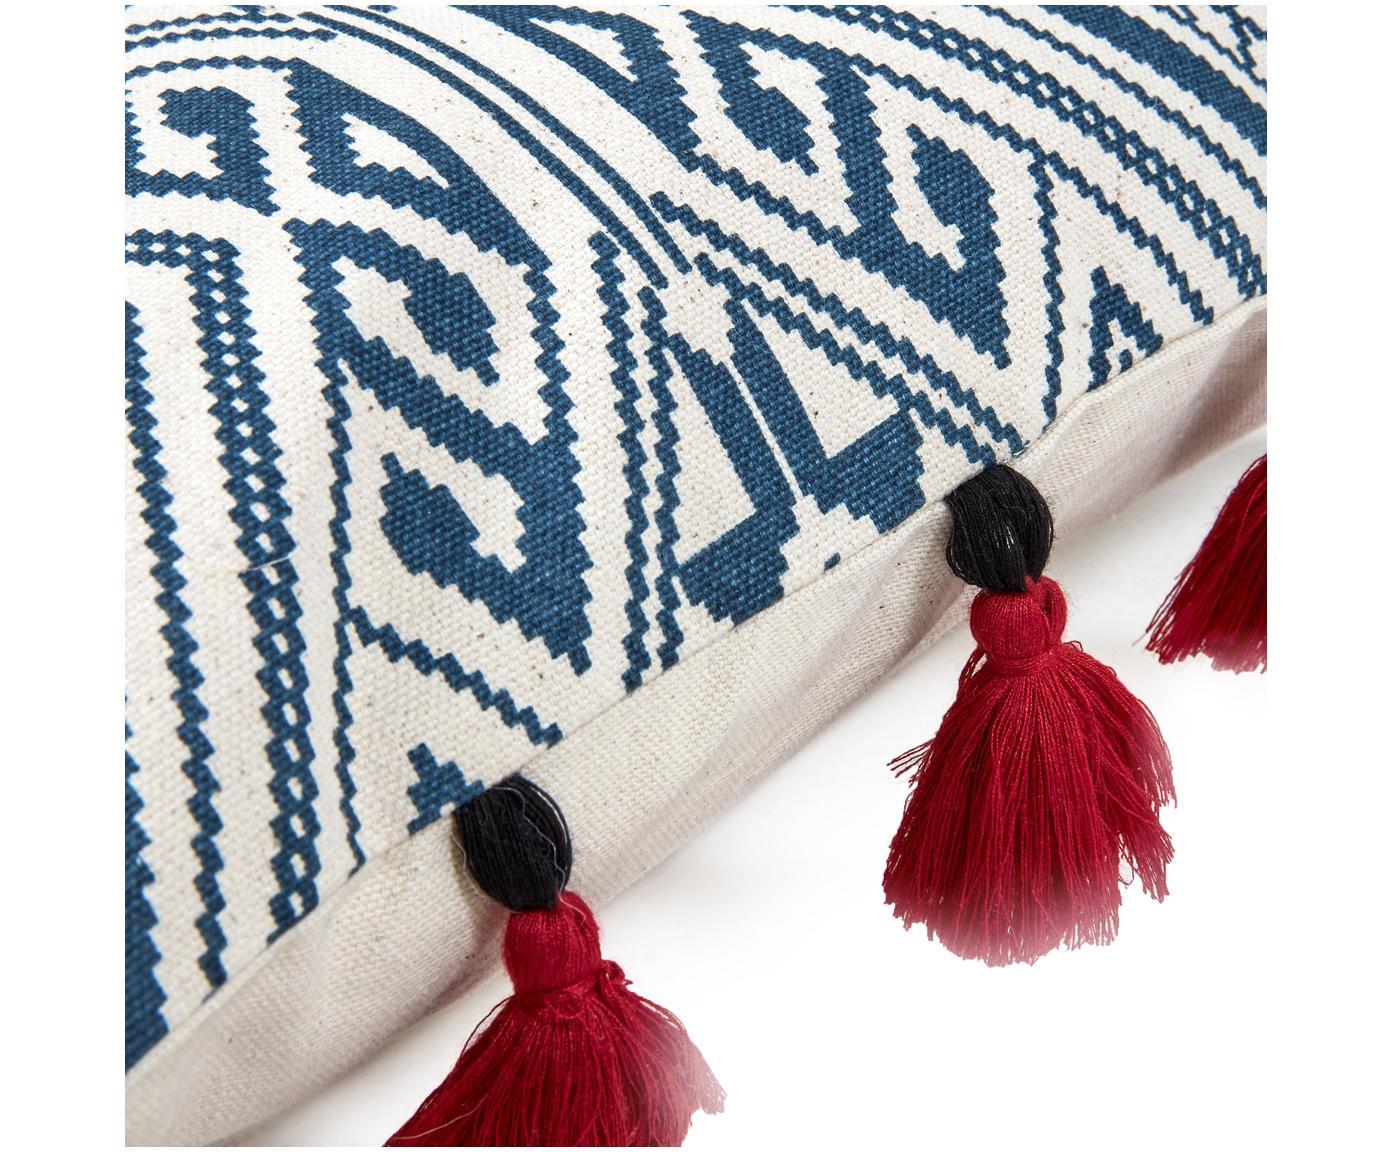 Dwustronna poszewka na poduszkę Cerys, Bawełna, Niebieski, czerwony, kremowy, S 30 x D 50 cm